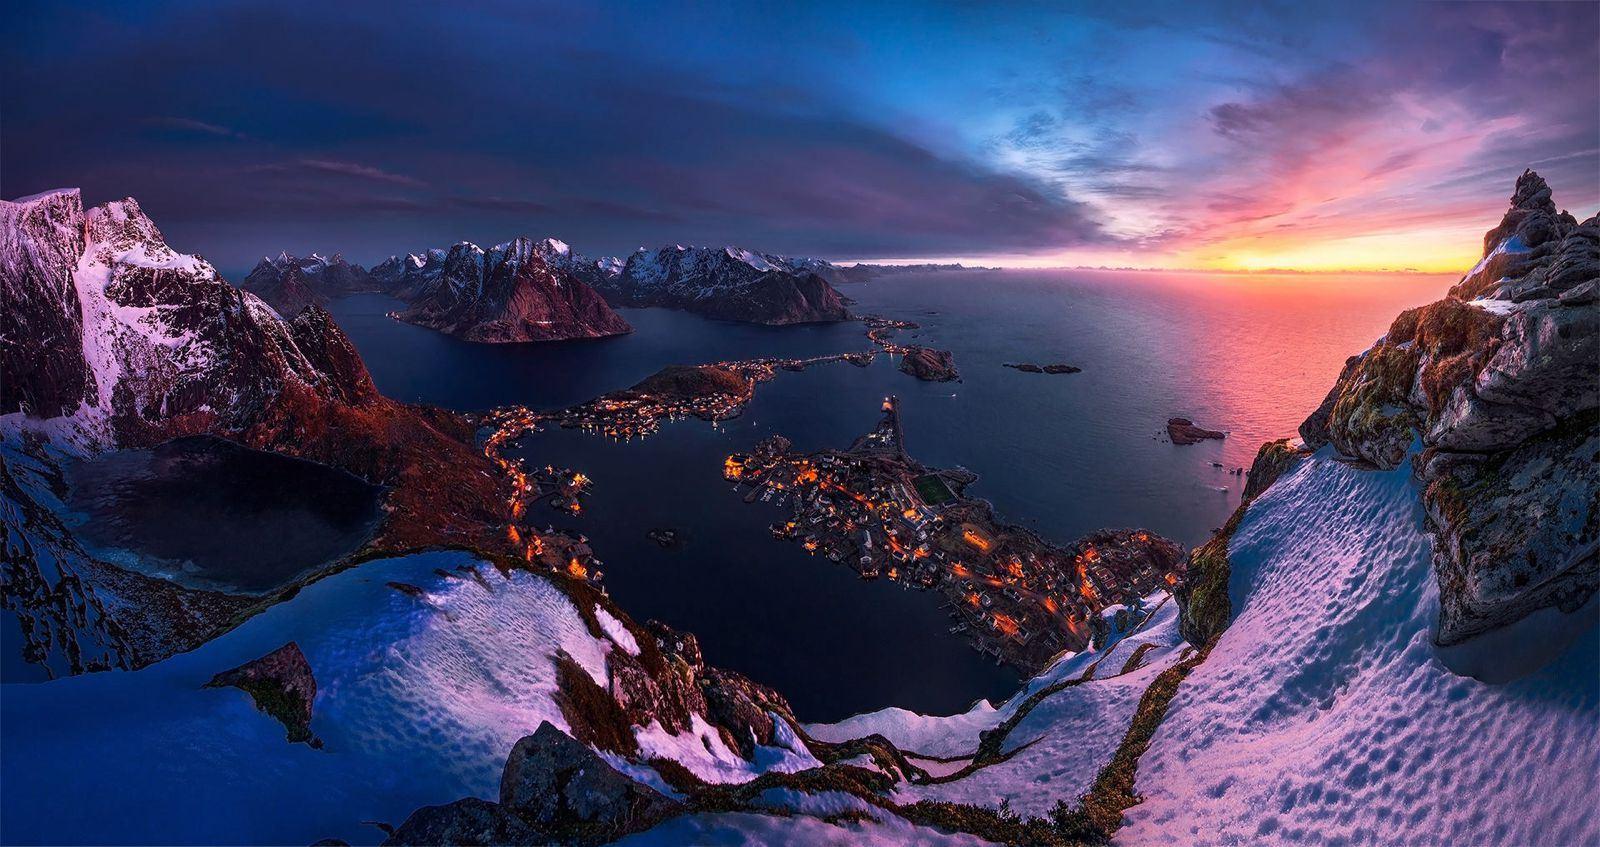 نتيجة بحث الصور عن جزر لوفوتين، النرويج